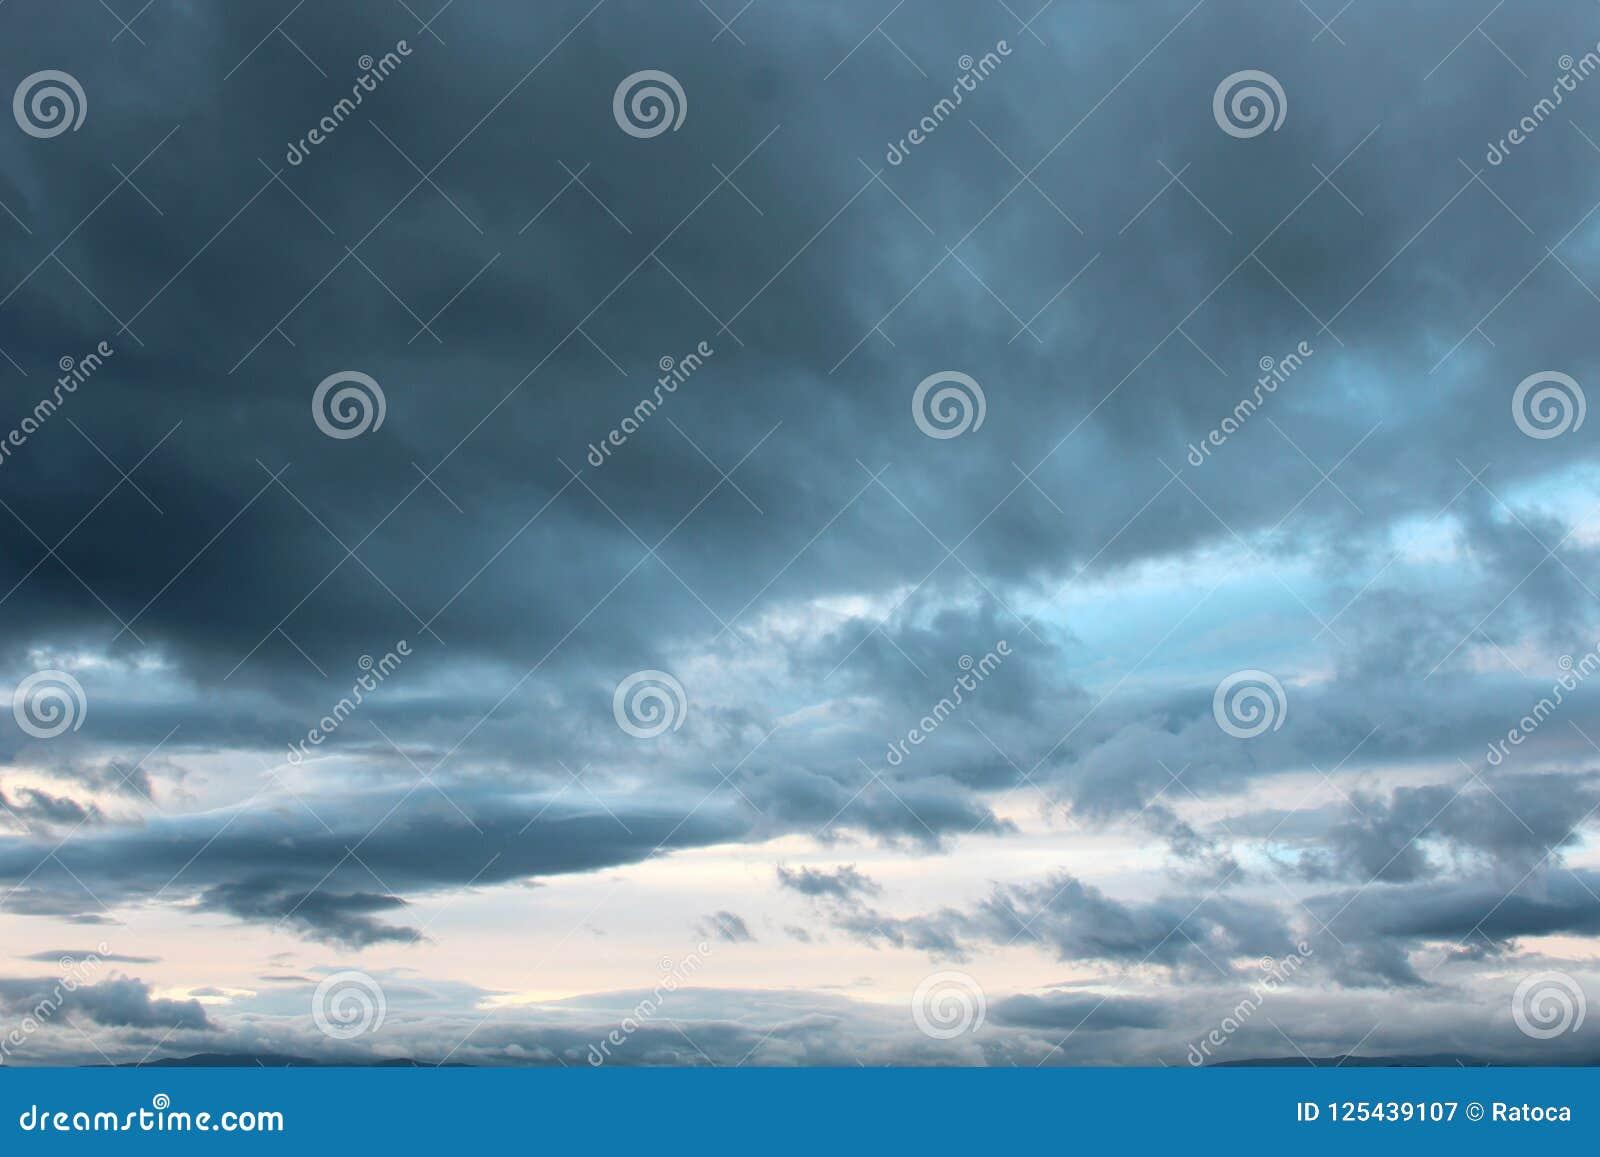 Nice sky photo detail